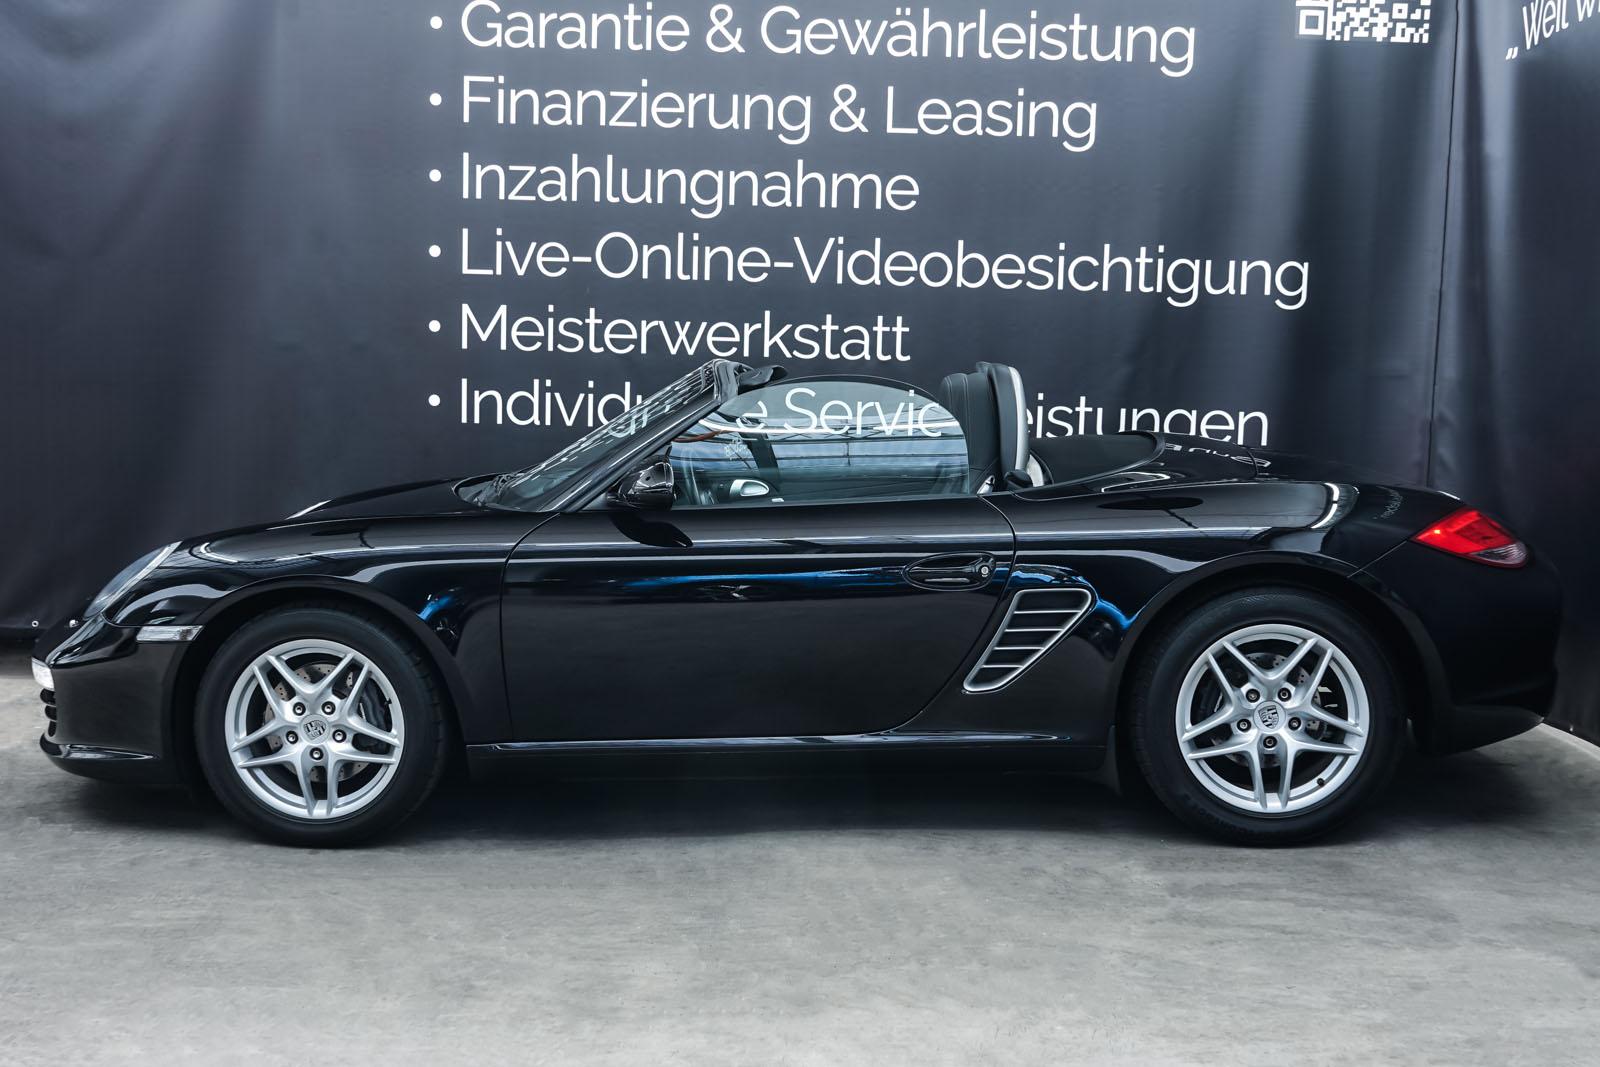 Porsche_Boxster_Schwarz_Schwarz_POR-0927_6_w